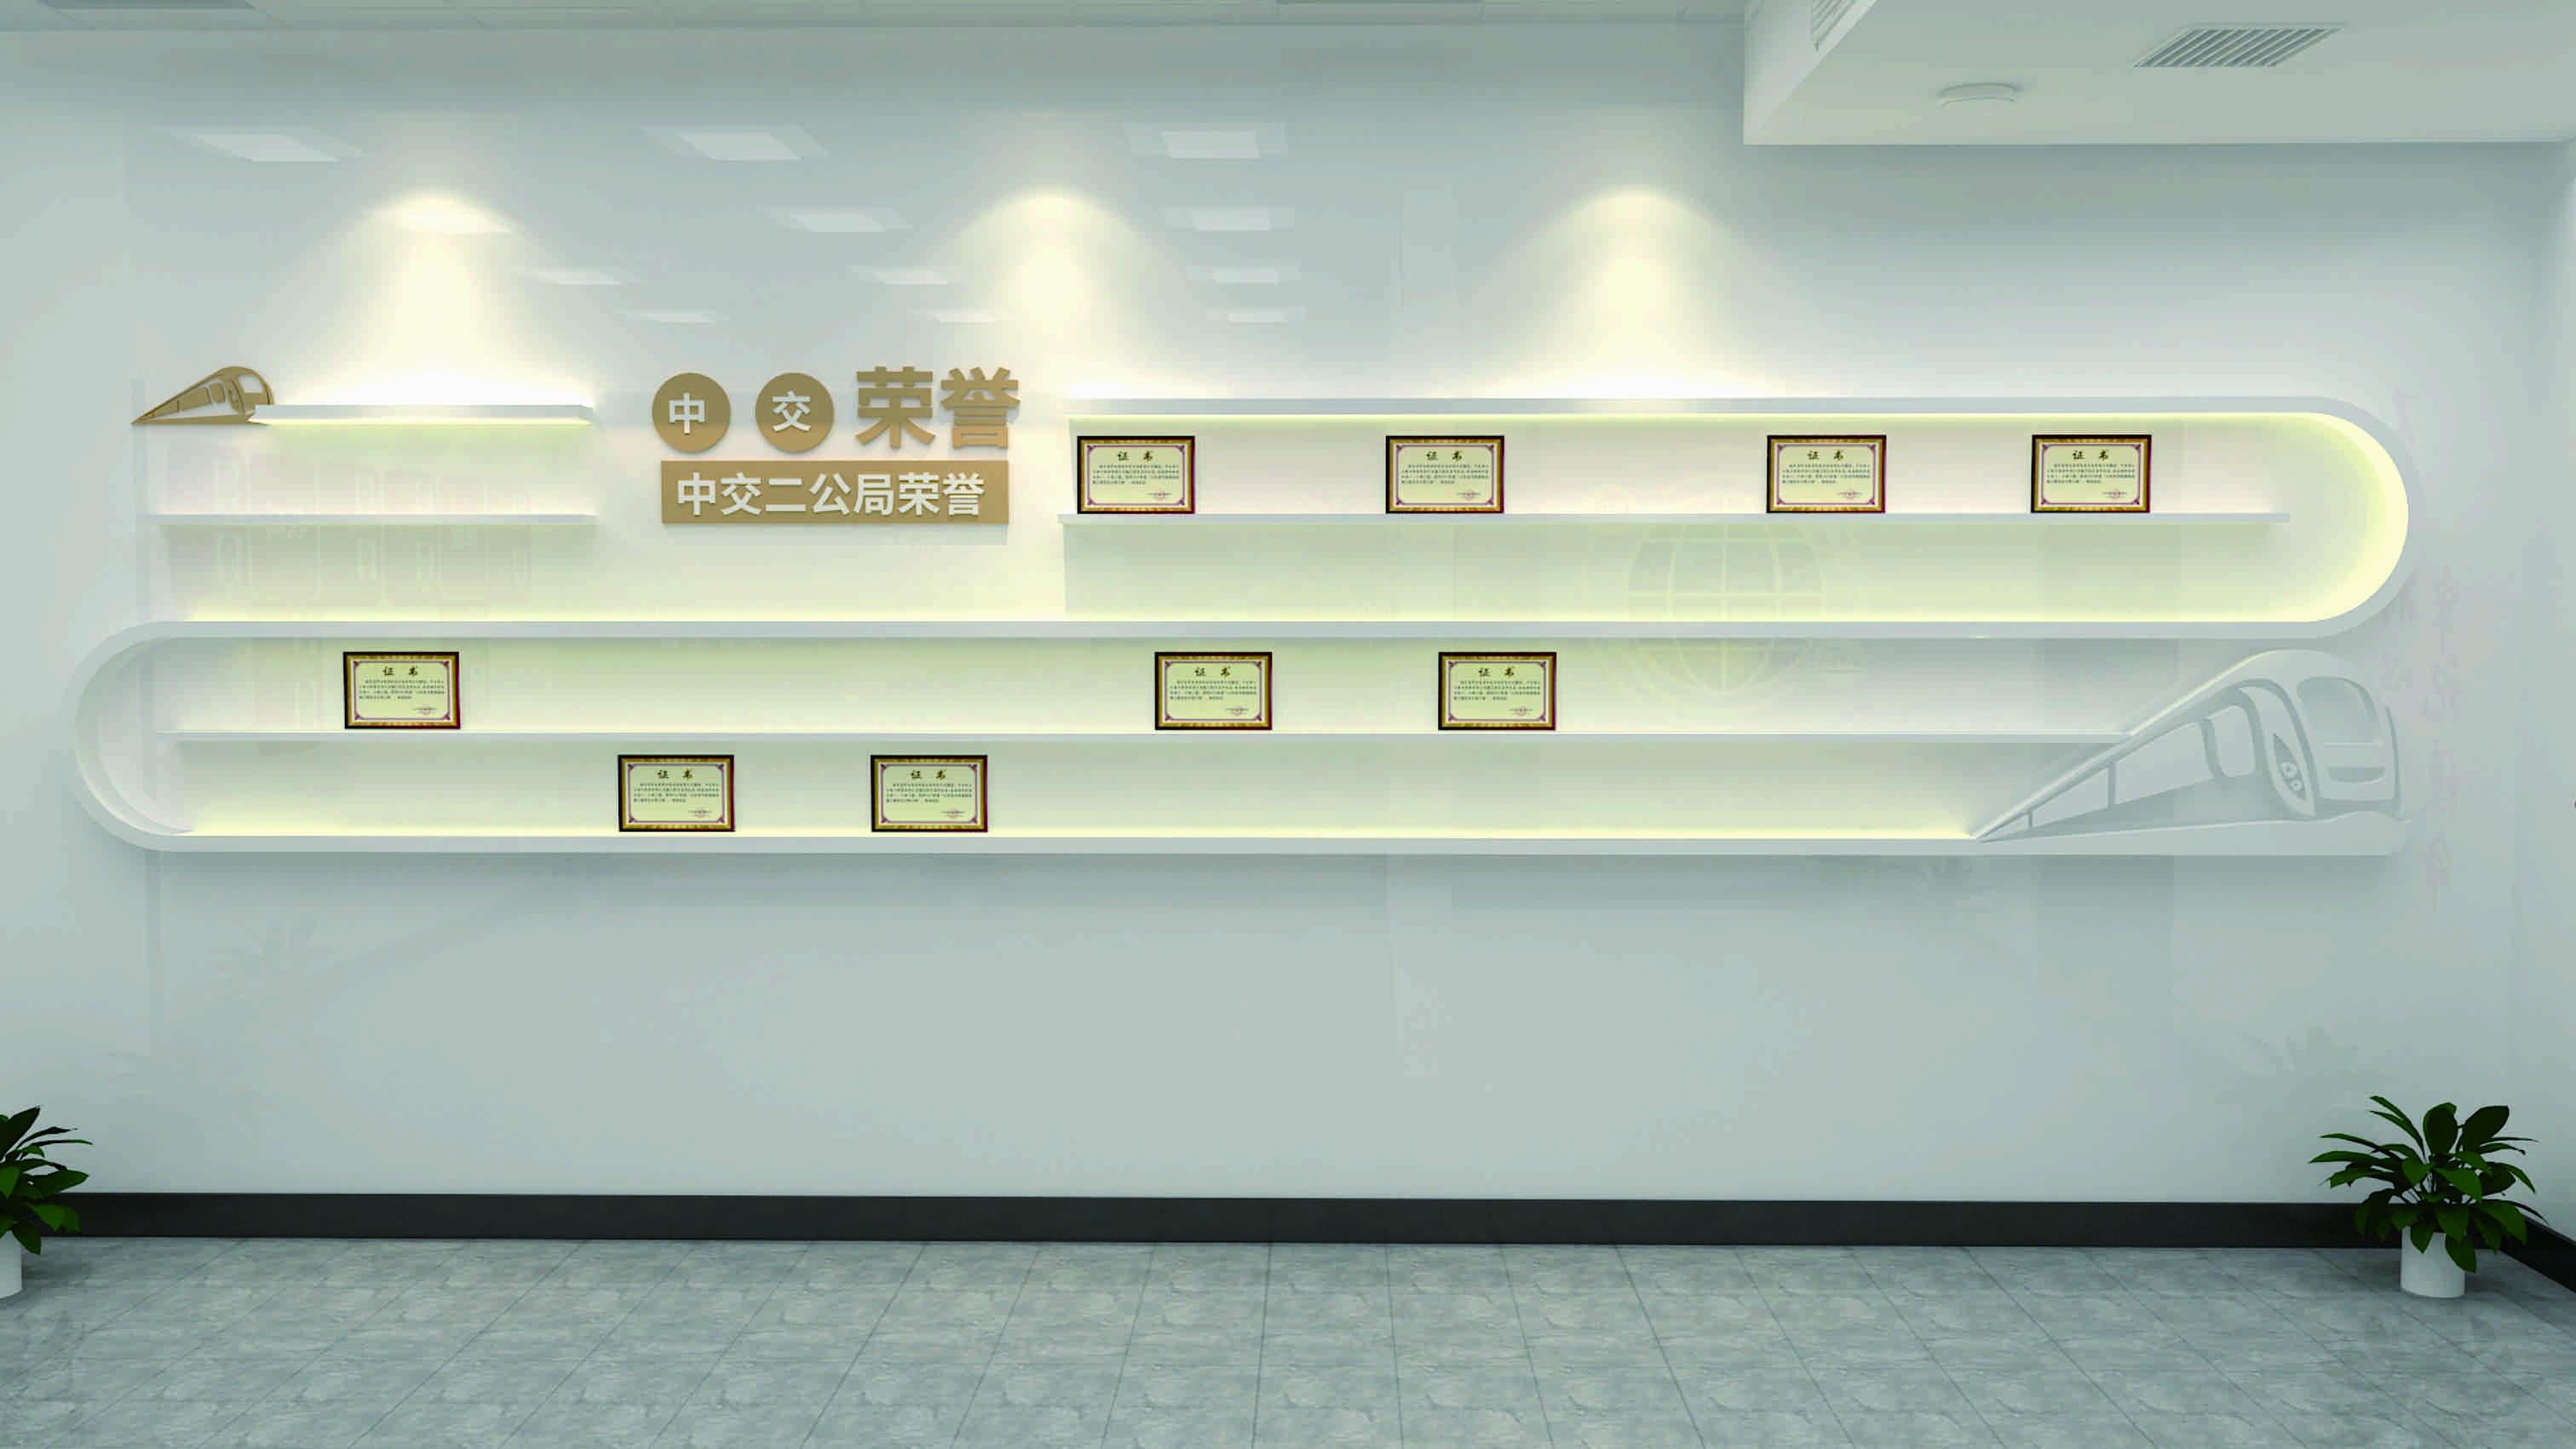 中交二工局荣誉室